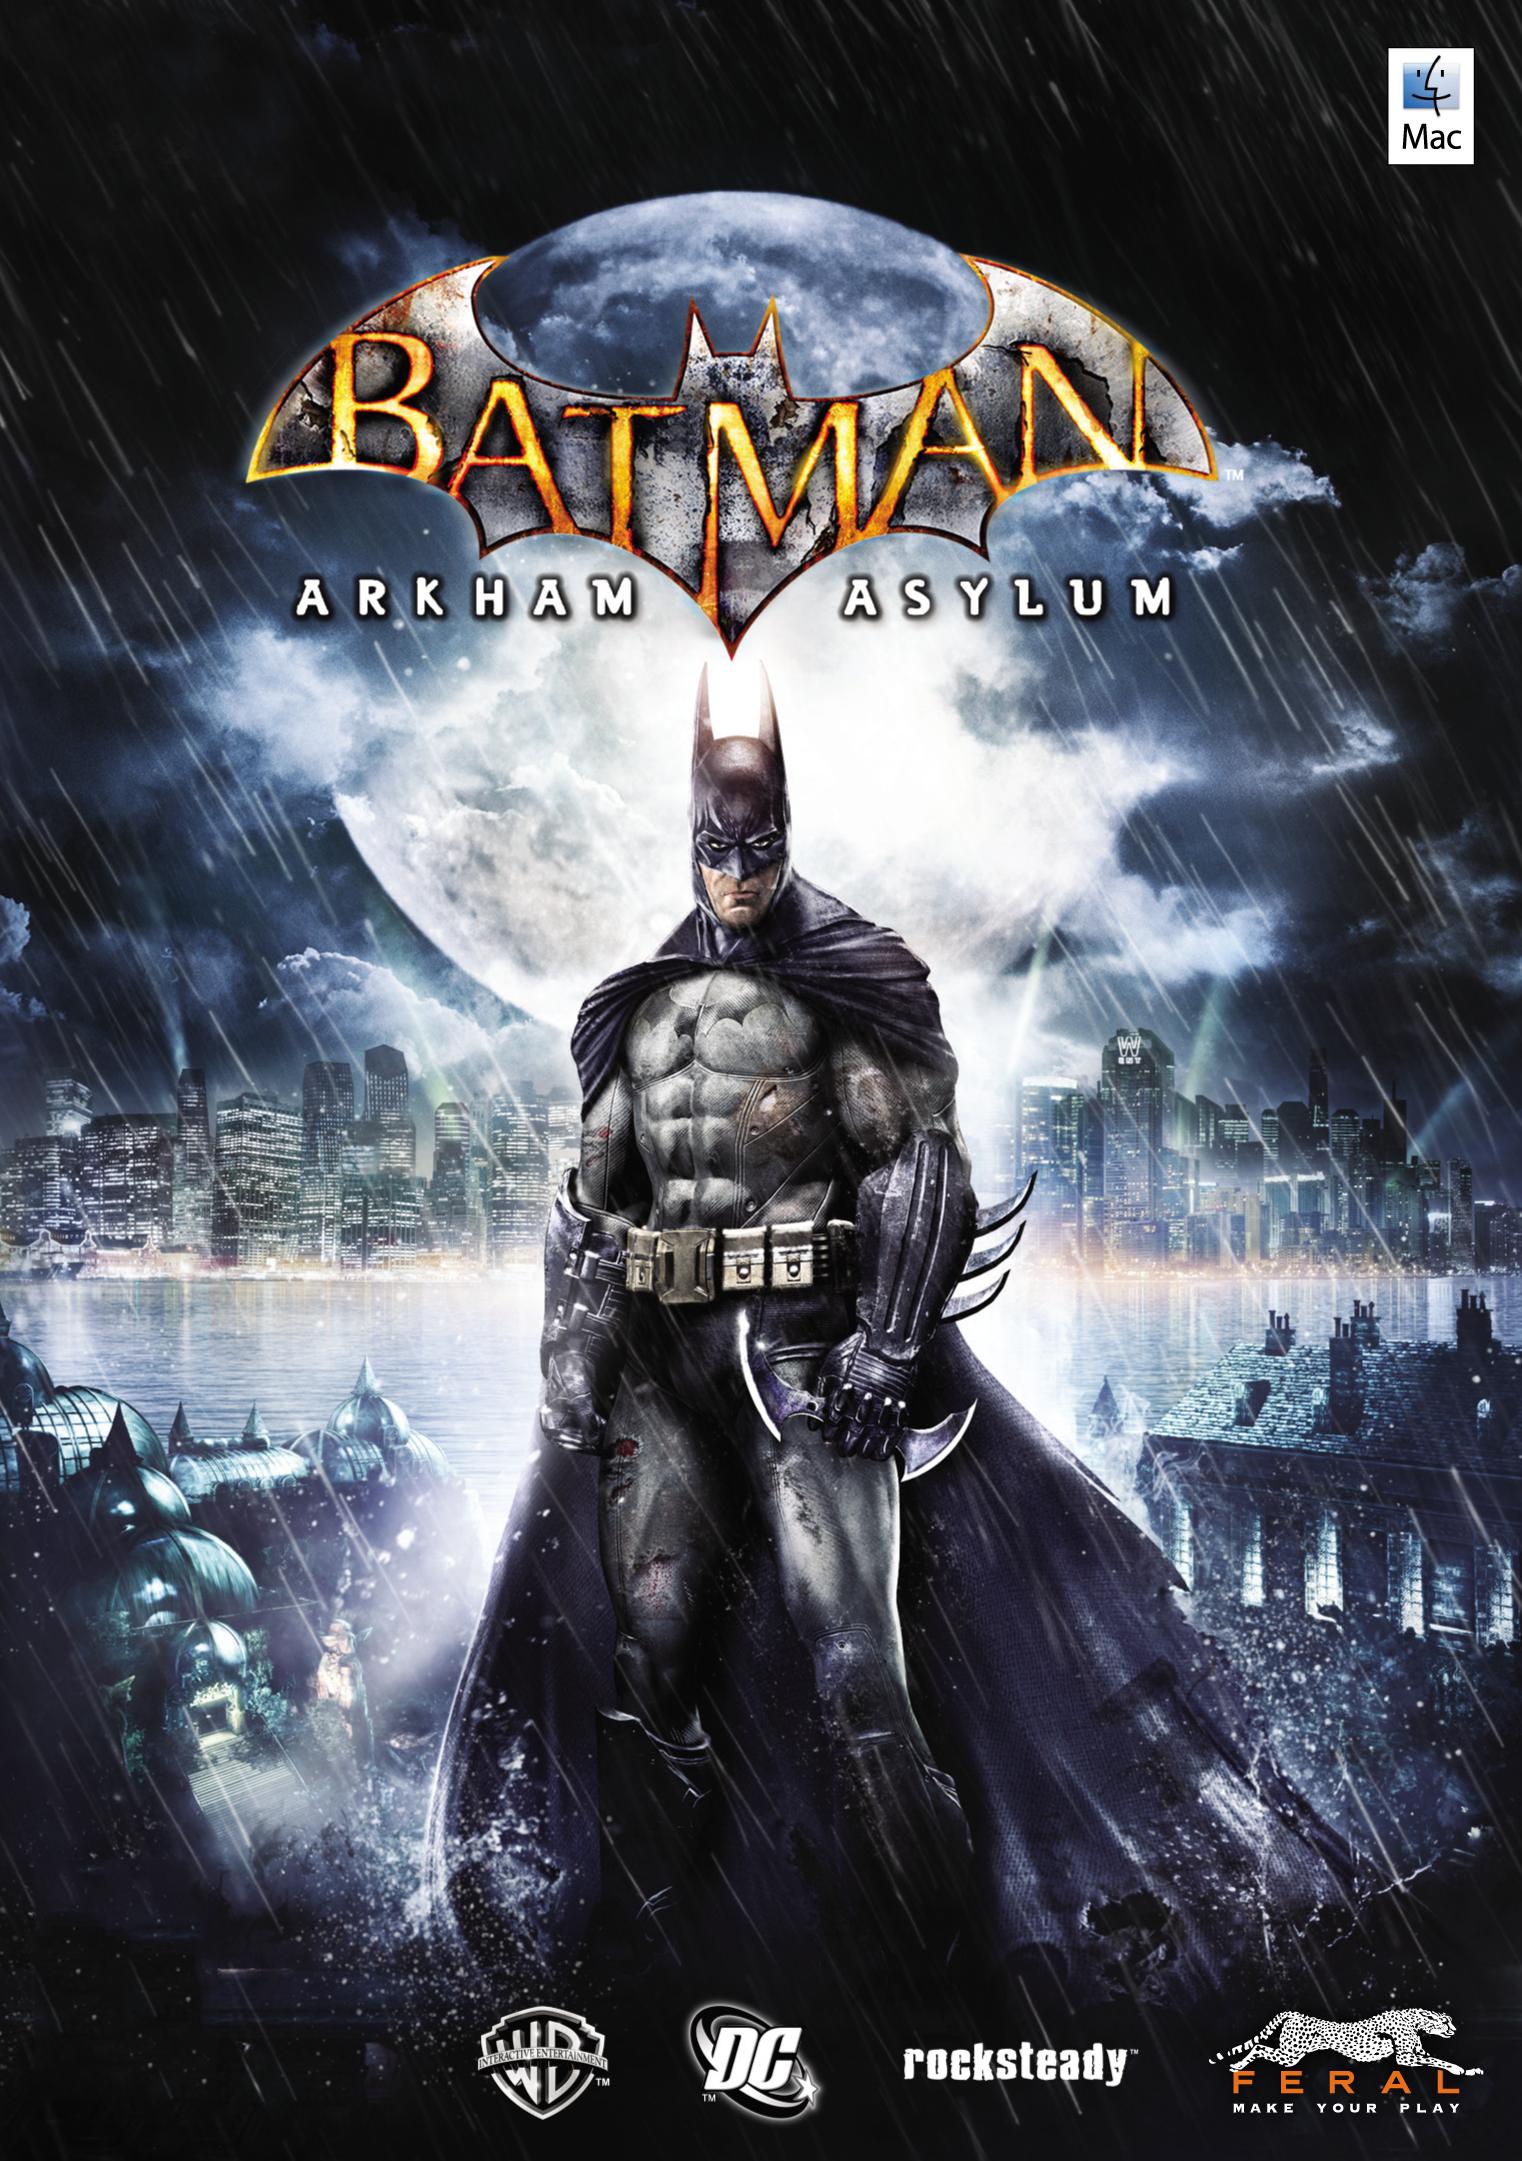 Batman: Arkham Asylum [MAC] (Цифровая версия)Сразитесь с самыми безумными психопатами Готэма, включая Харли Квинн, Убийцу Крока и Ядовитого Плюща в игре Batman: Arkham Asylum.<br>